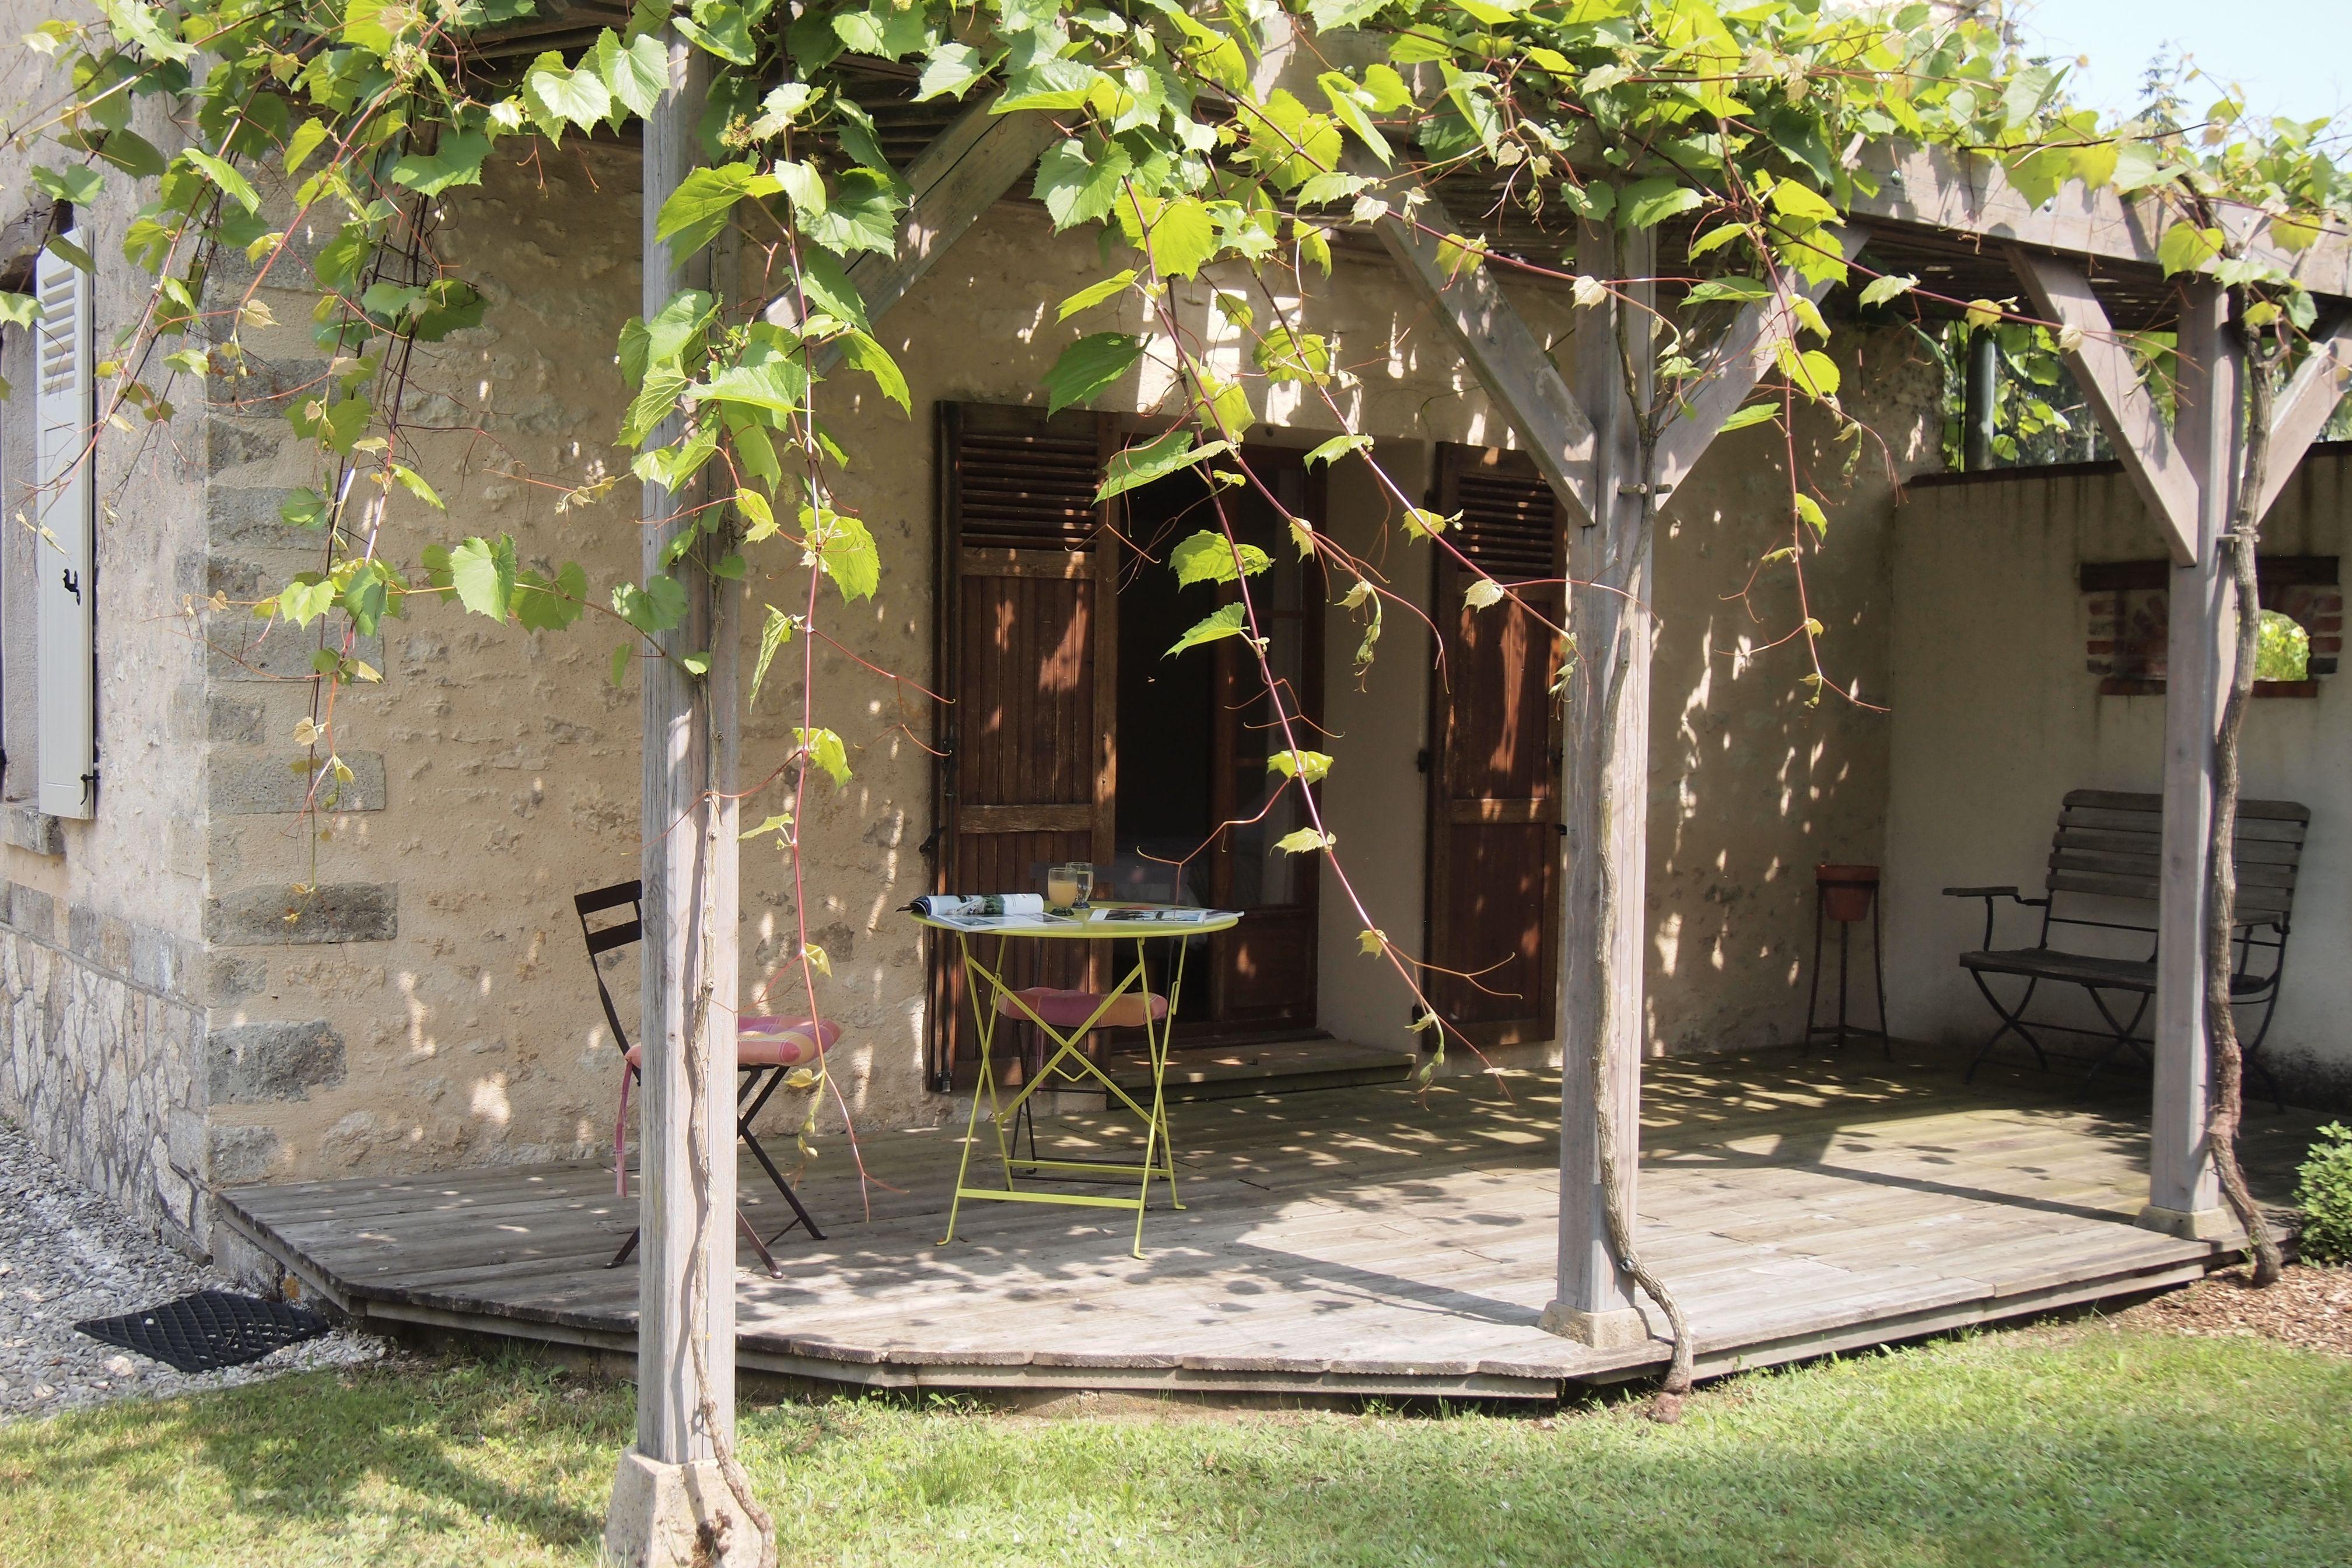 A la belle saison, la pergola supporte une vigne  très appréciable pour son ombre...